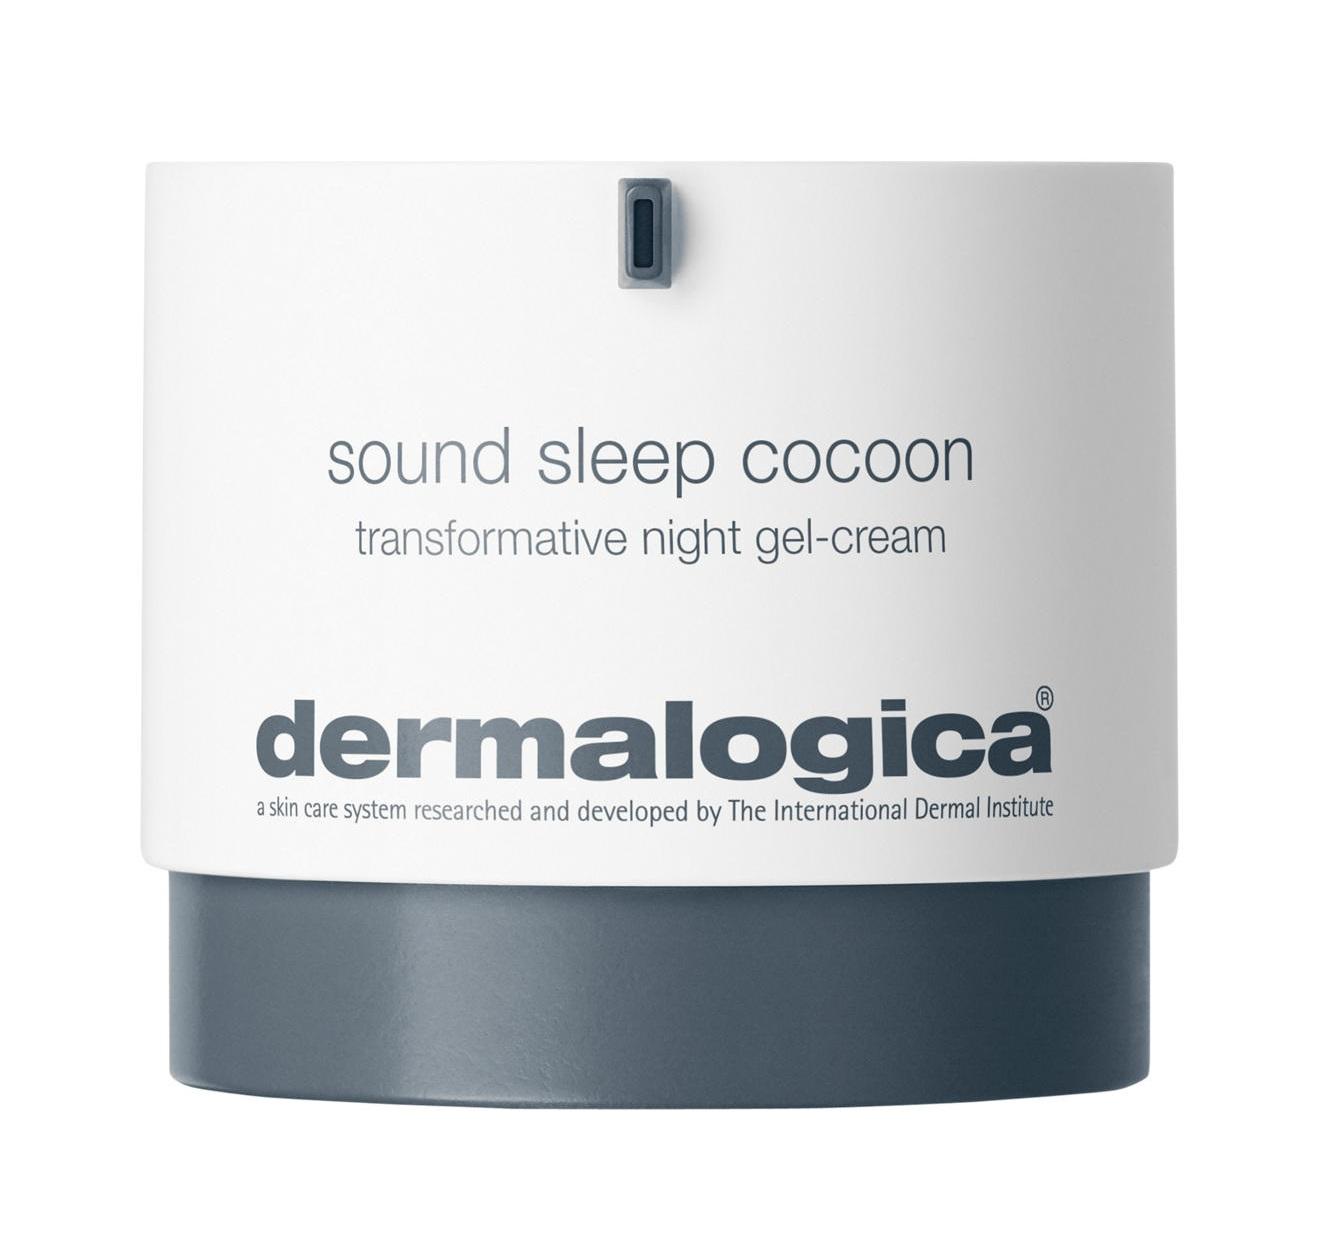 DERMALOGICA Крем-гель ночной активный восстанавливающий для лица / Sound Sleep Cocoon, 50 мл -  Кремы